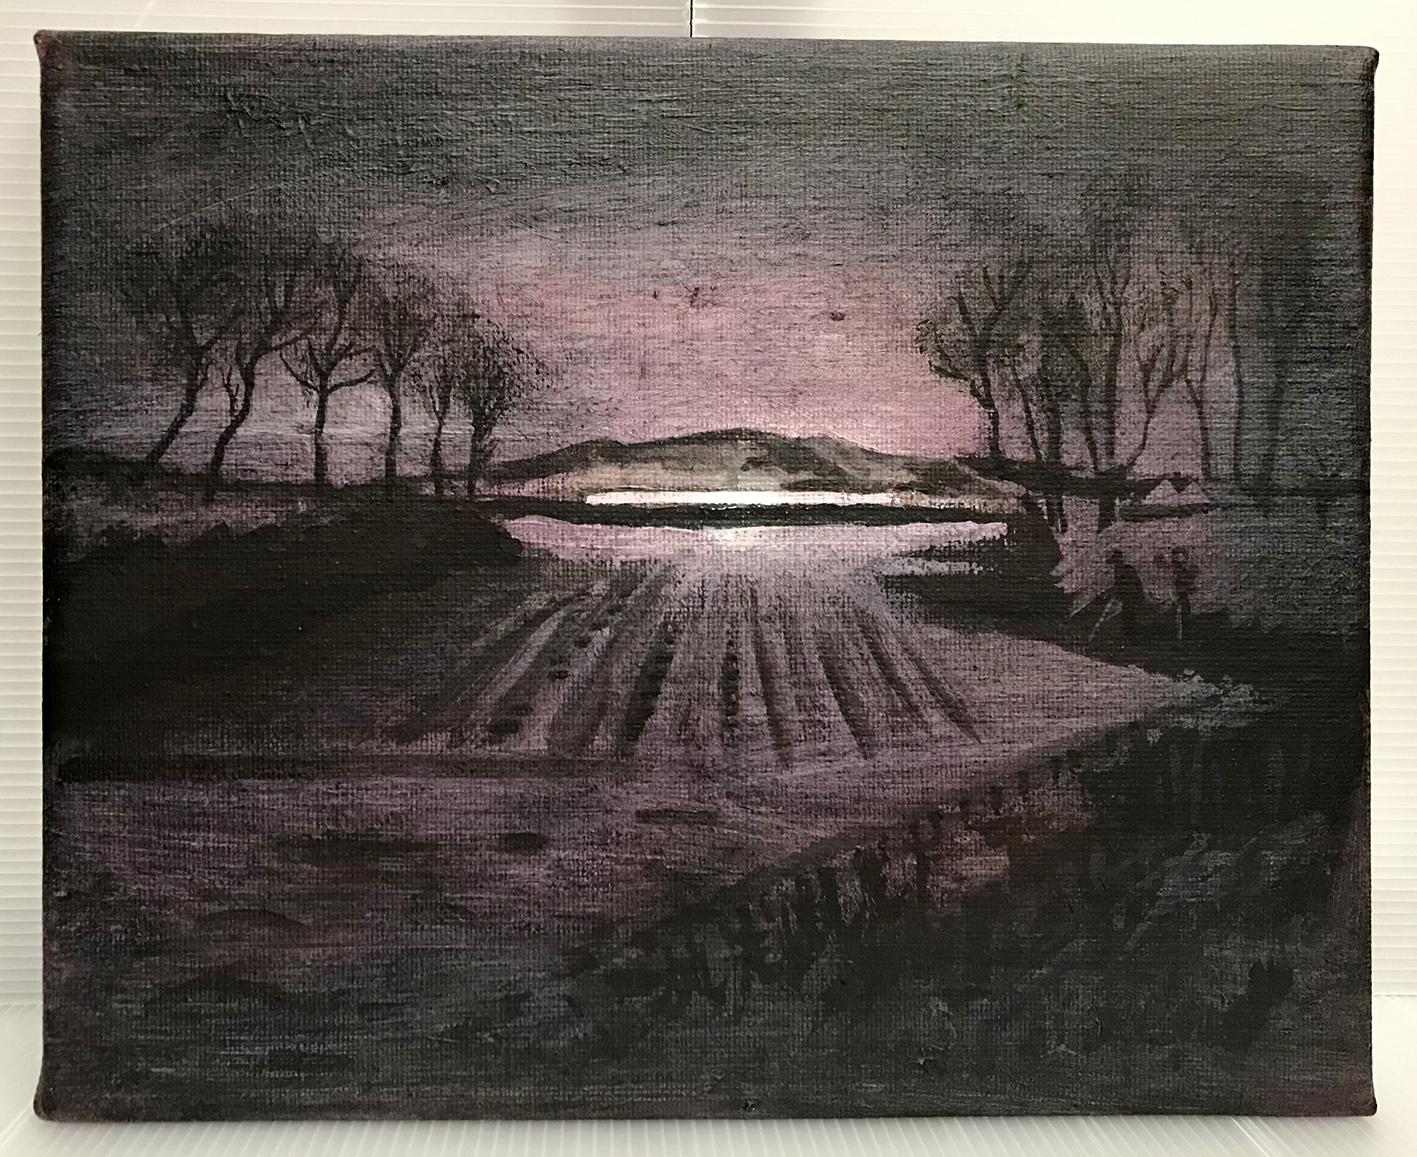 Vincent Land Gogh 2 (22x27cm) 2020